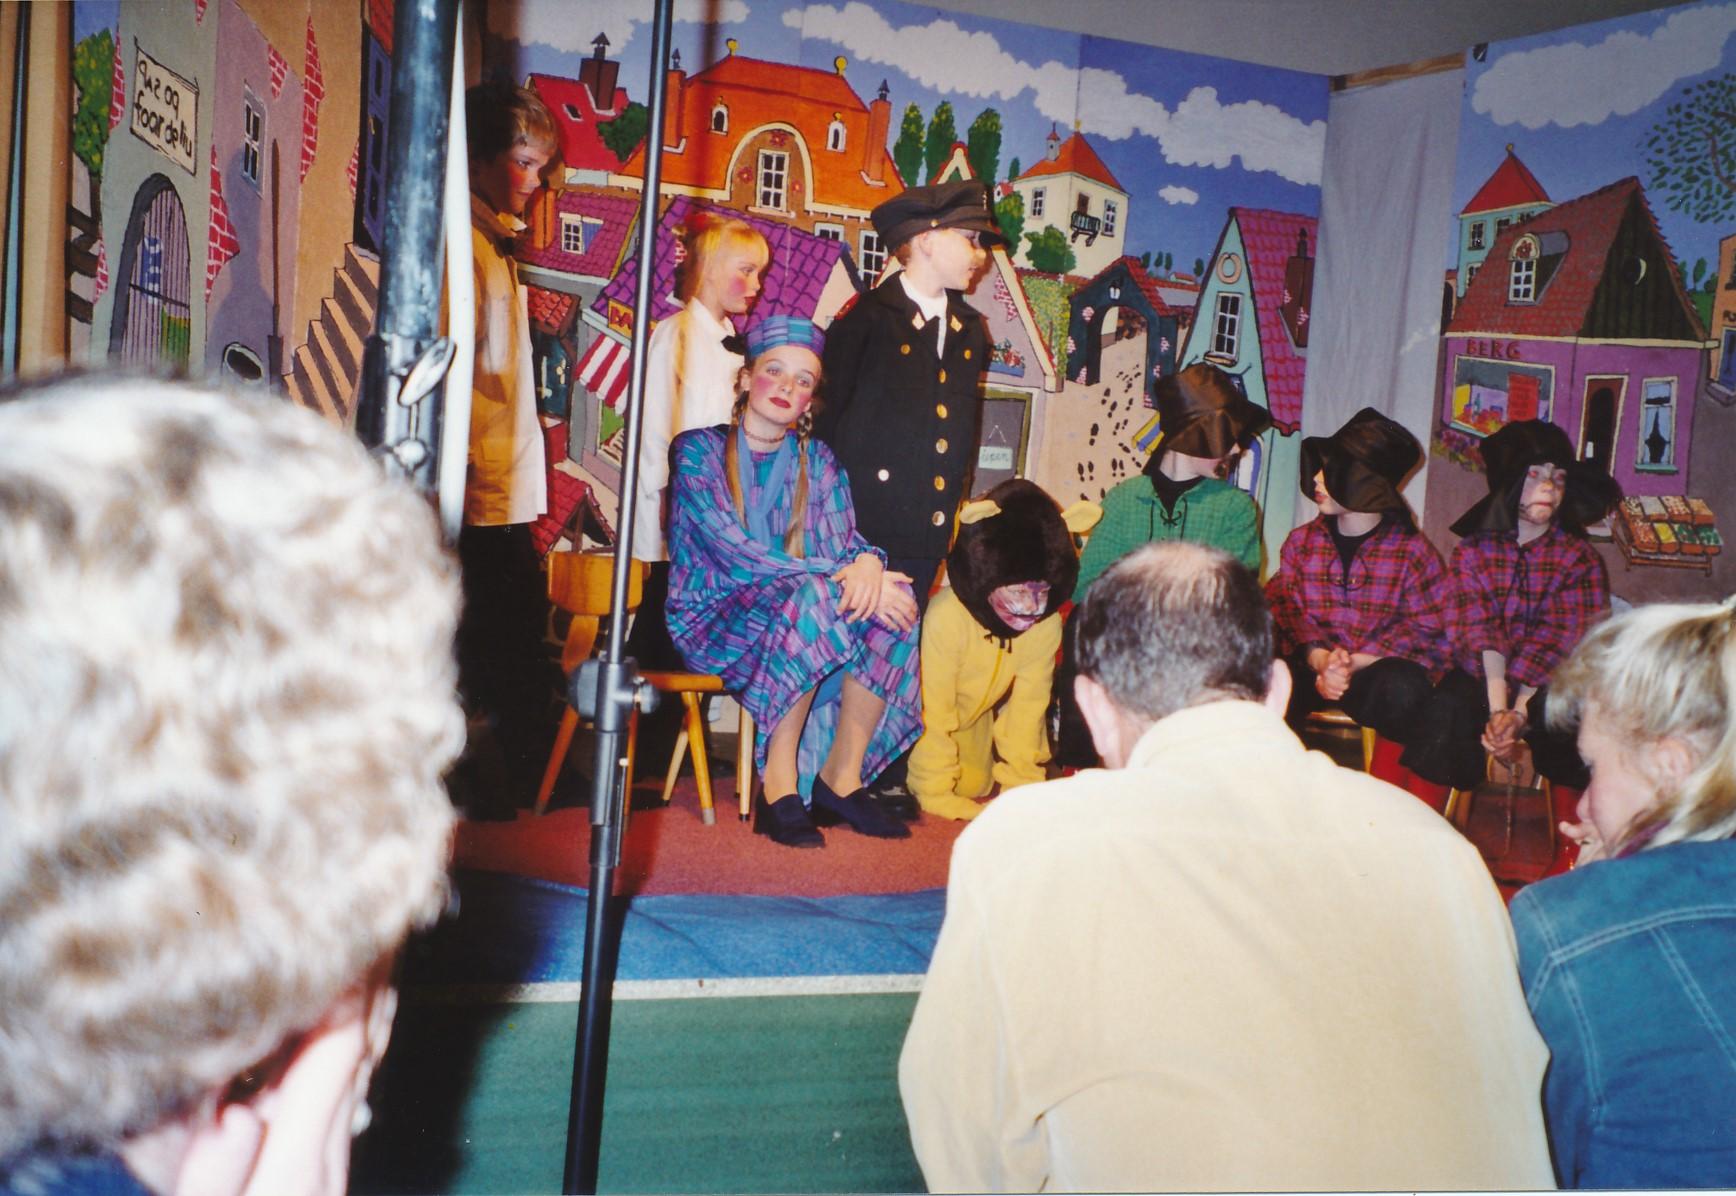 Fotoalbum Anneke Miedema, 108, Musical 2005, u.o. Annemarije Boersma, Timo Abbing, Inez Bootsma, Arjen Dijkstra, Sape Miedema, Jelmer Jongste, Ate Boersma, Sjoerd Rozenberg